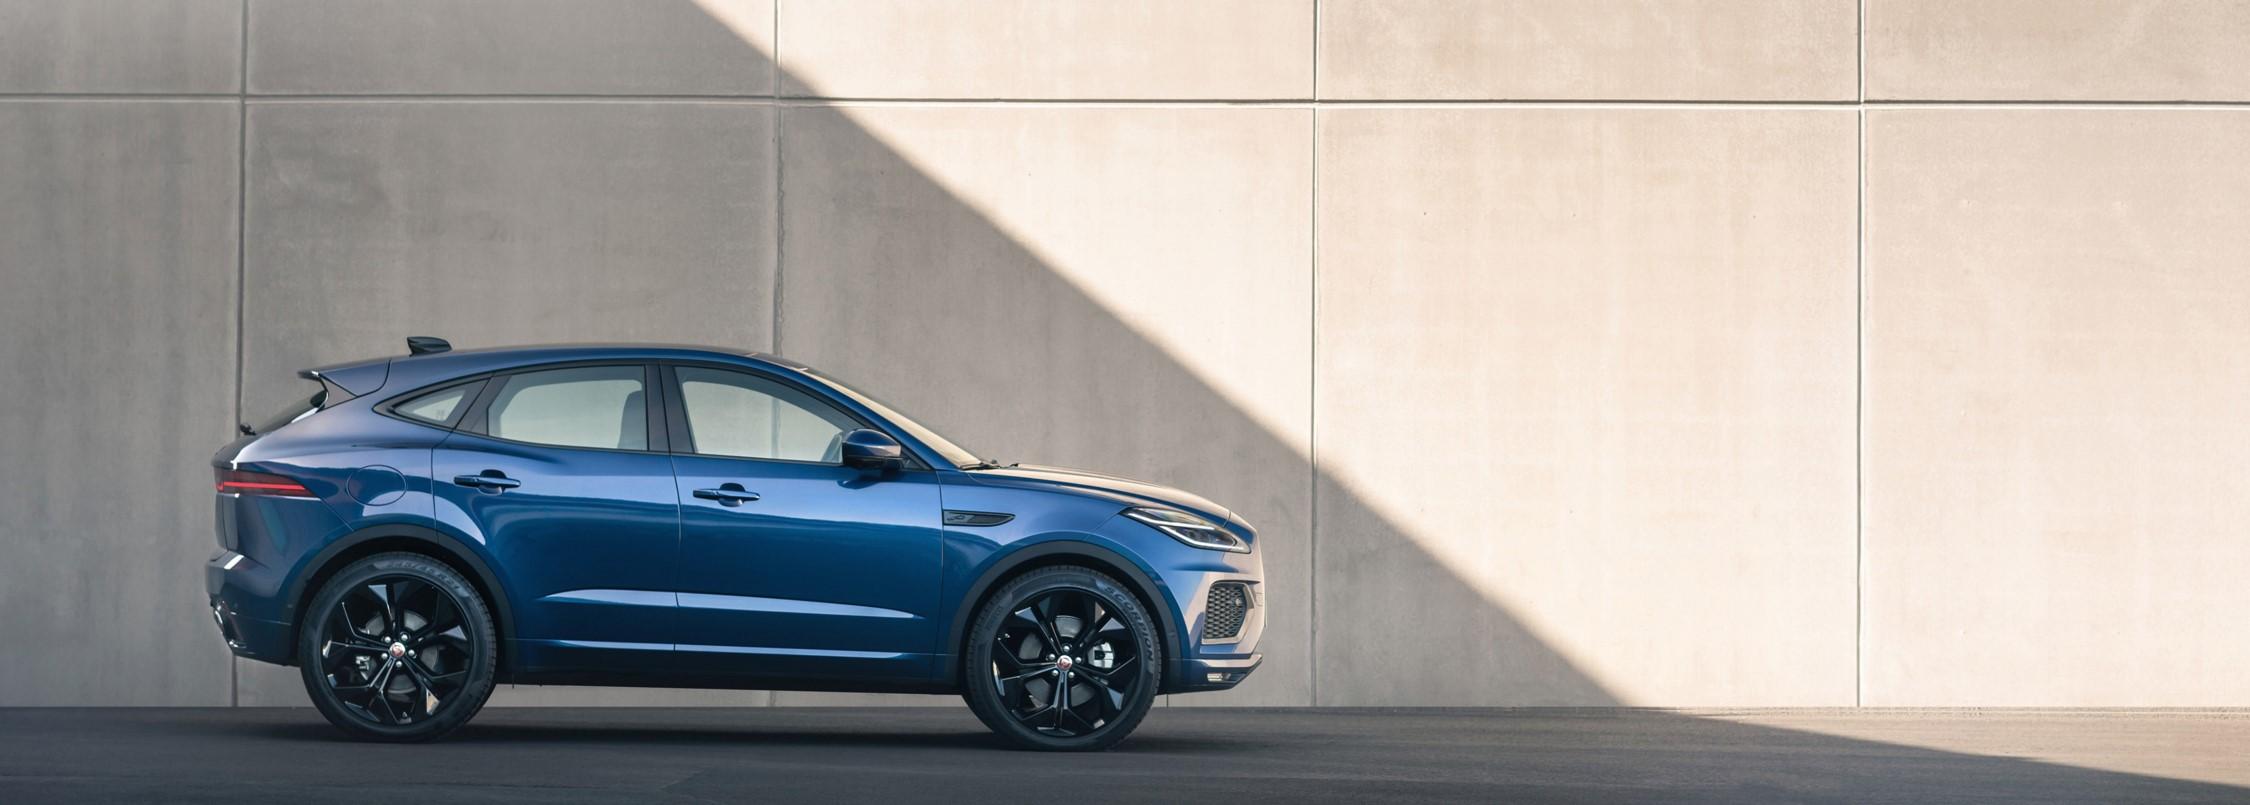 Jaguar E-Pace updated